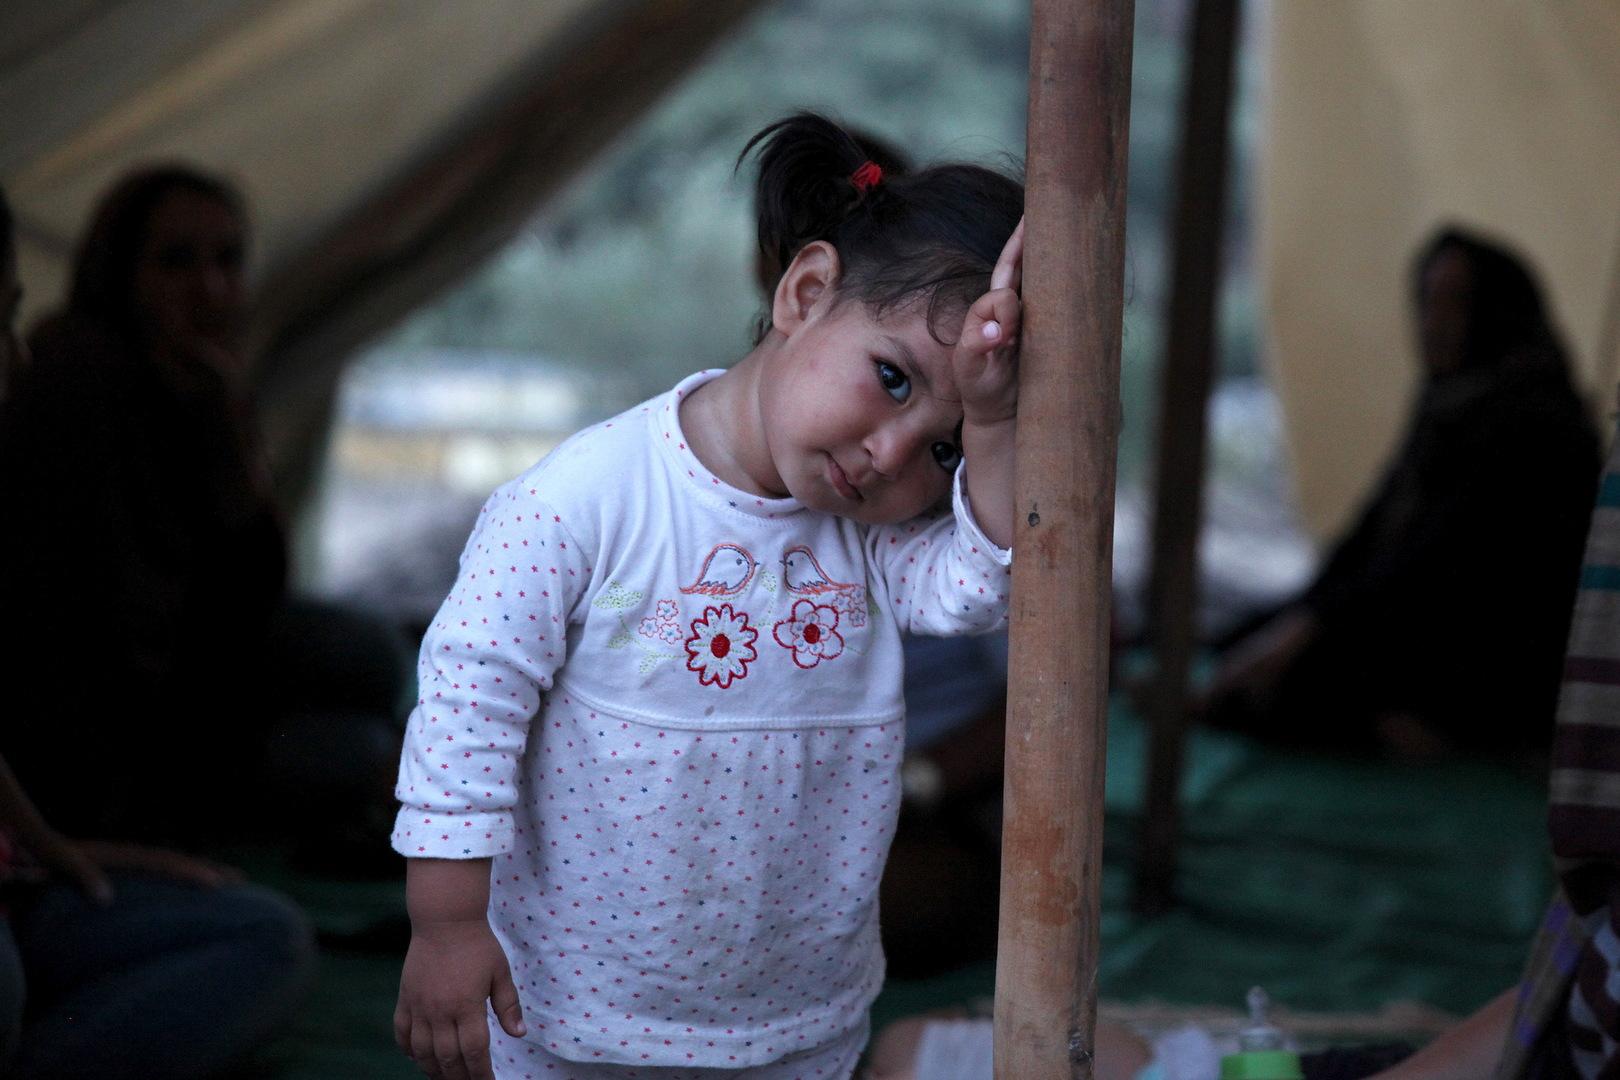 Ein Kind befindet sich im Flüchtlingslager Moria auf der Insel Lesbos.  5. August 2015.